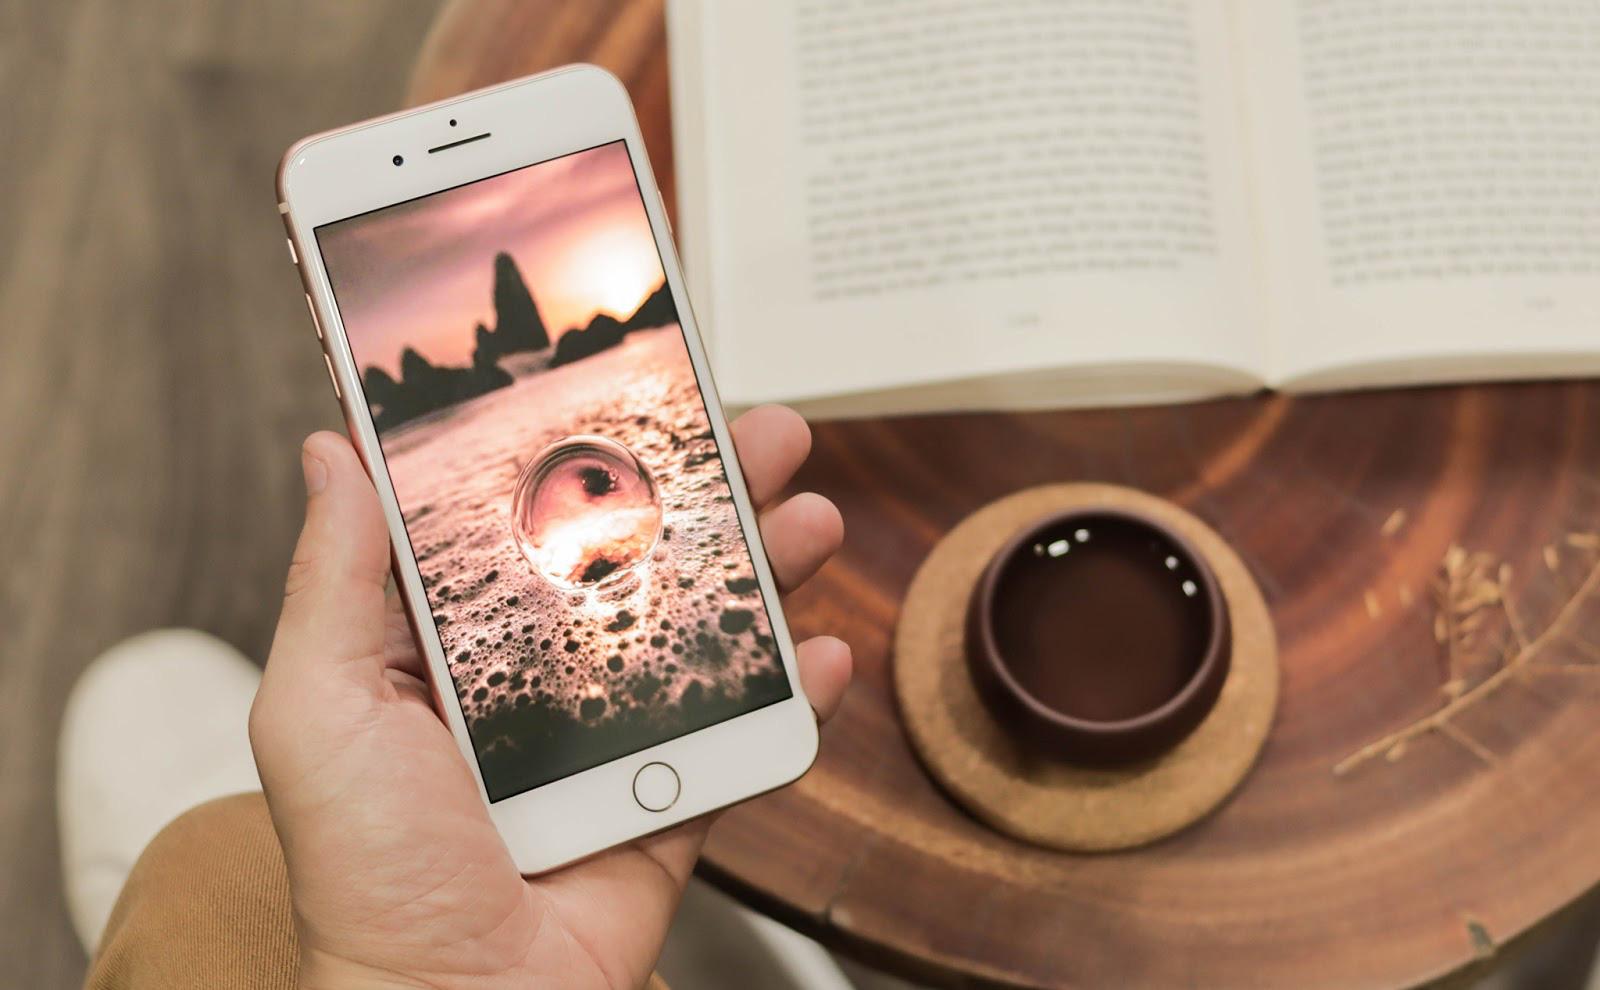 iPhone 7 Plus, 8 Plus và iPhone X đã có giá chỉ từ 7,3 triệu đồng - Ảnh 3.